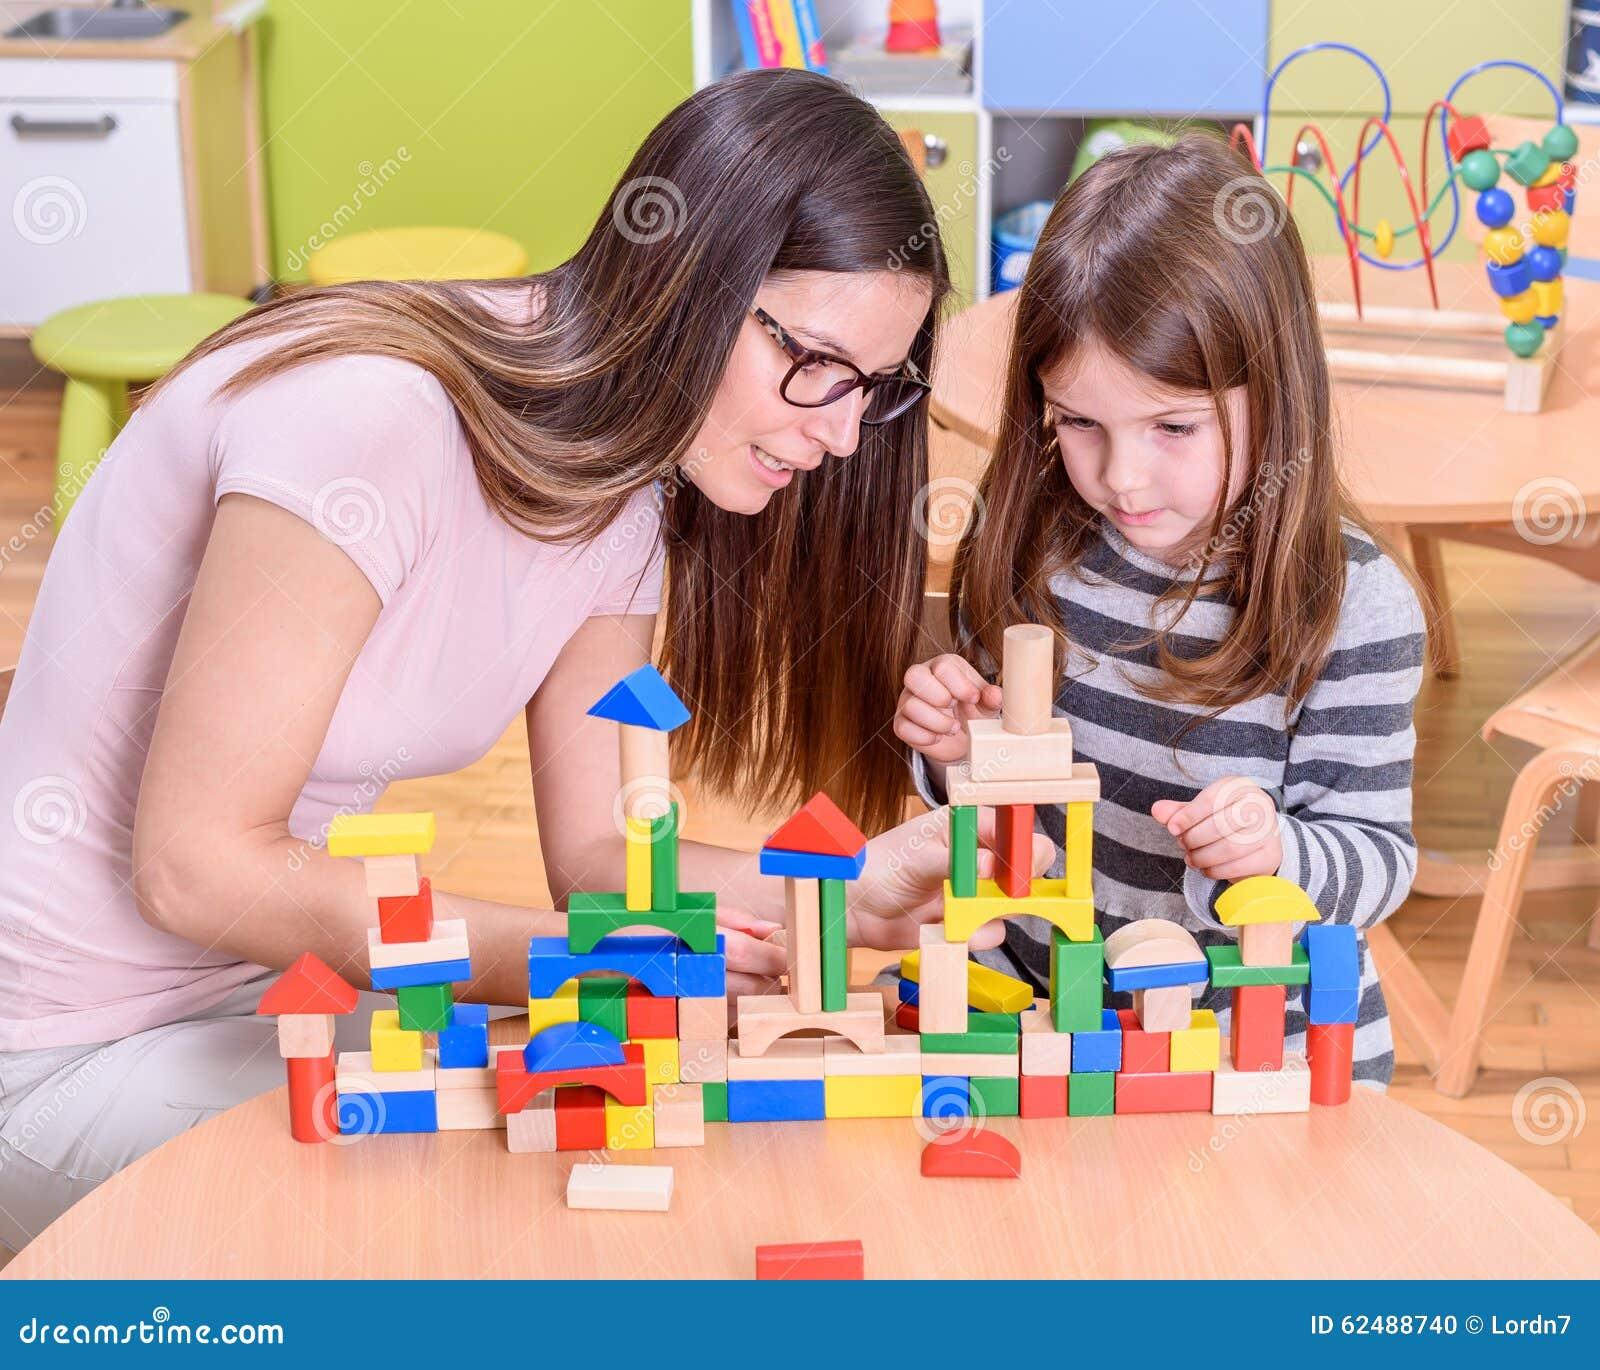 Förskole- lärare Instructs Cute Girl hur man bygger Toy Castle